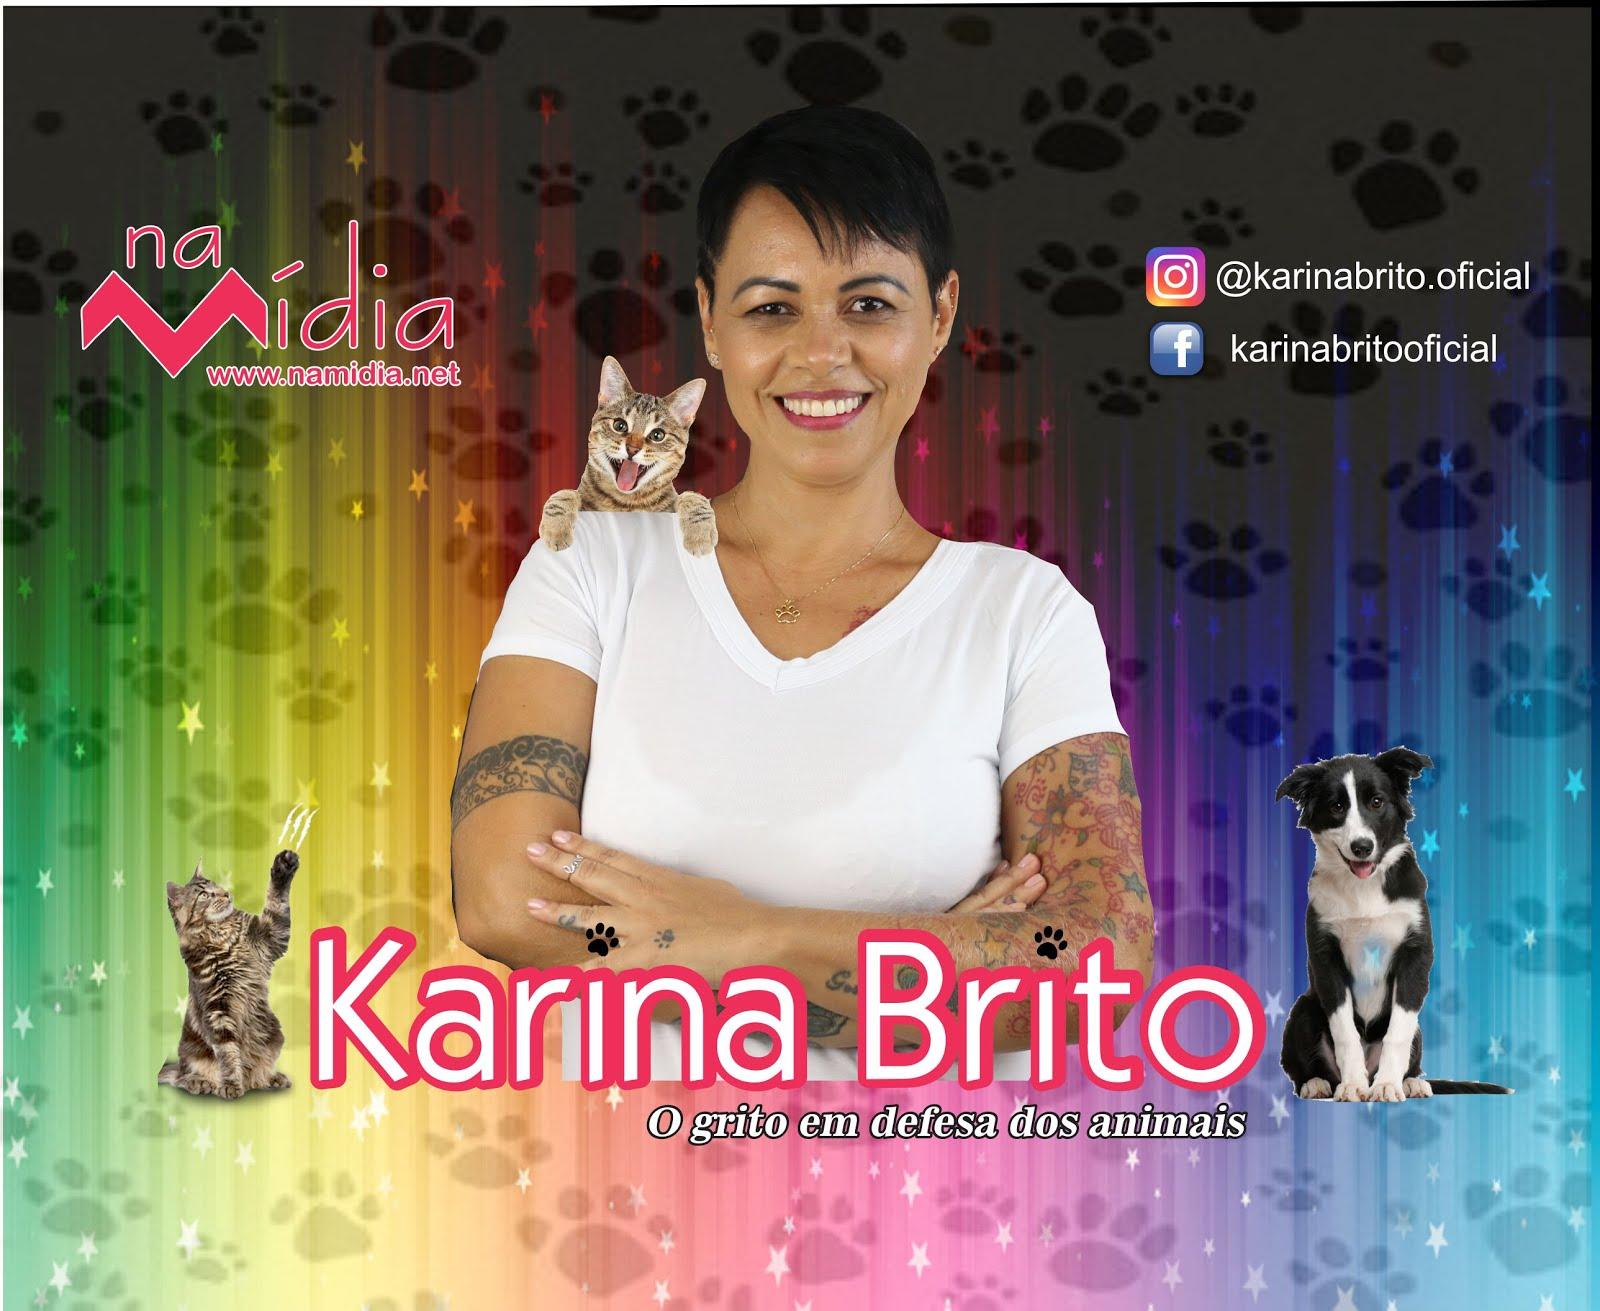 Karina Brito